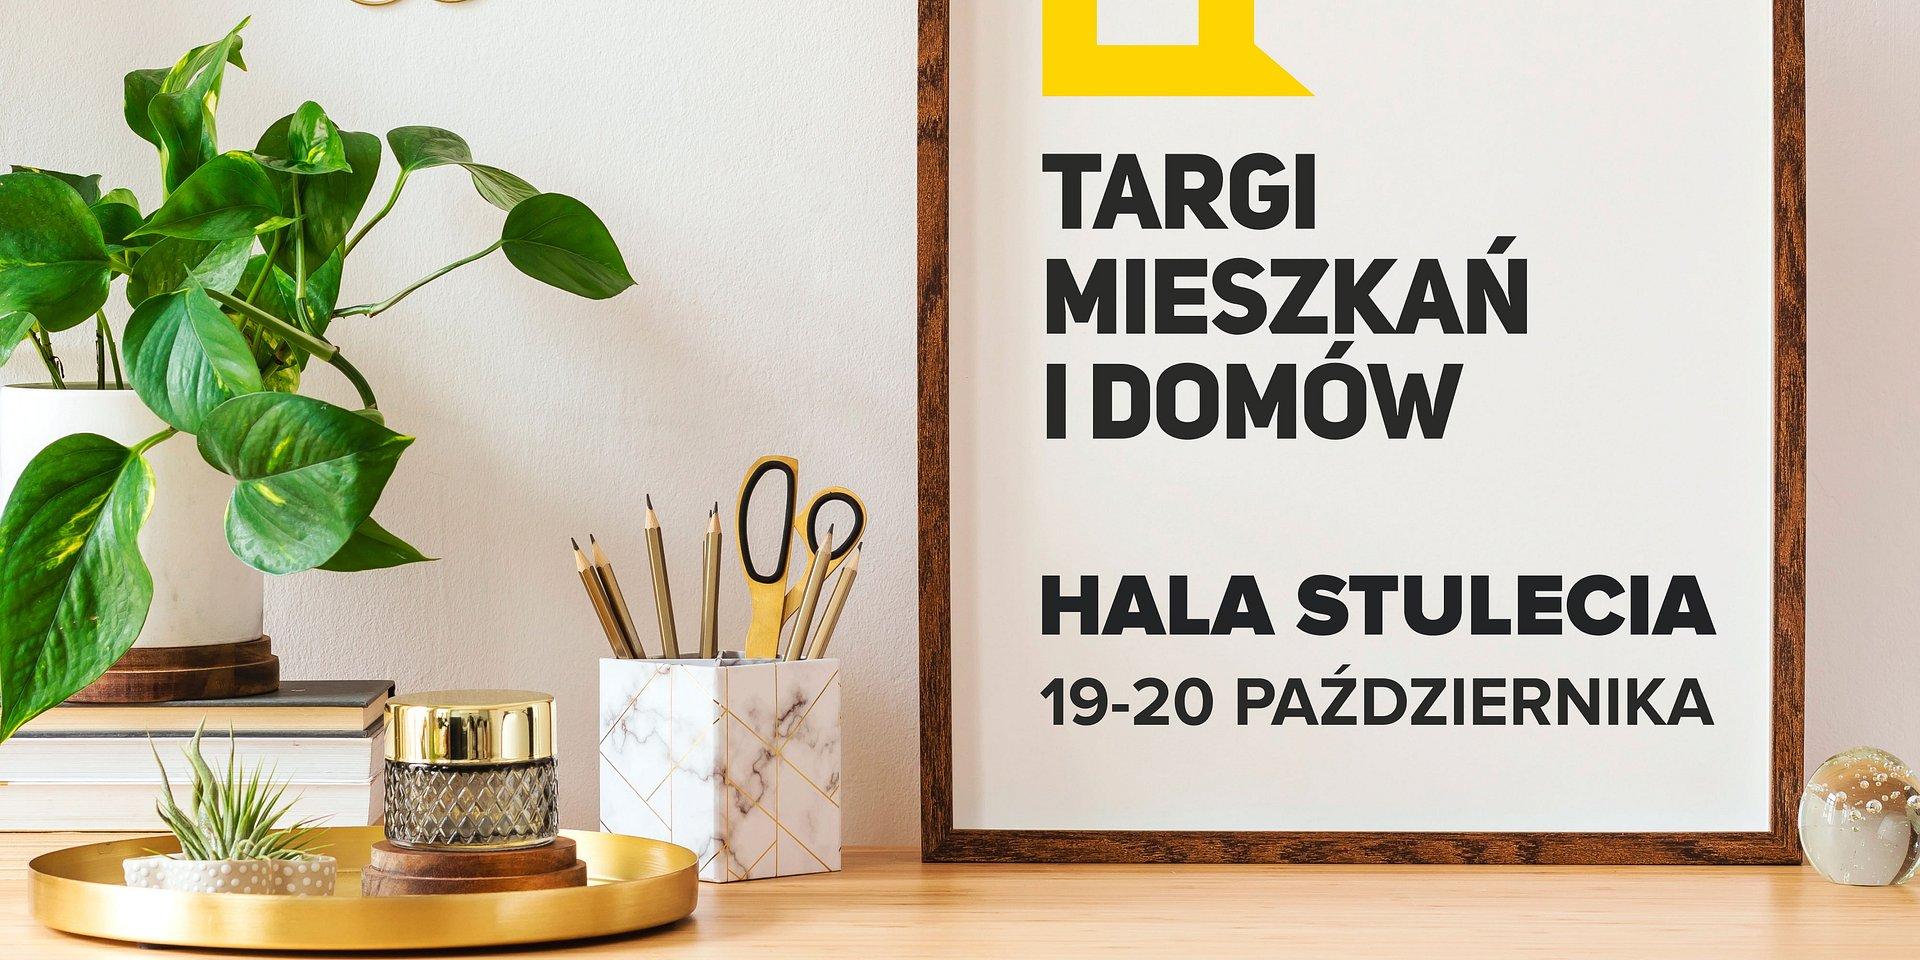 Otwórz się na mieszkanie we Wrocławiu